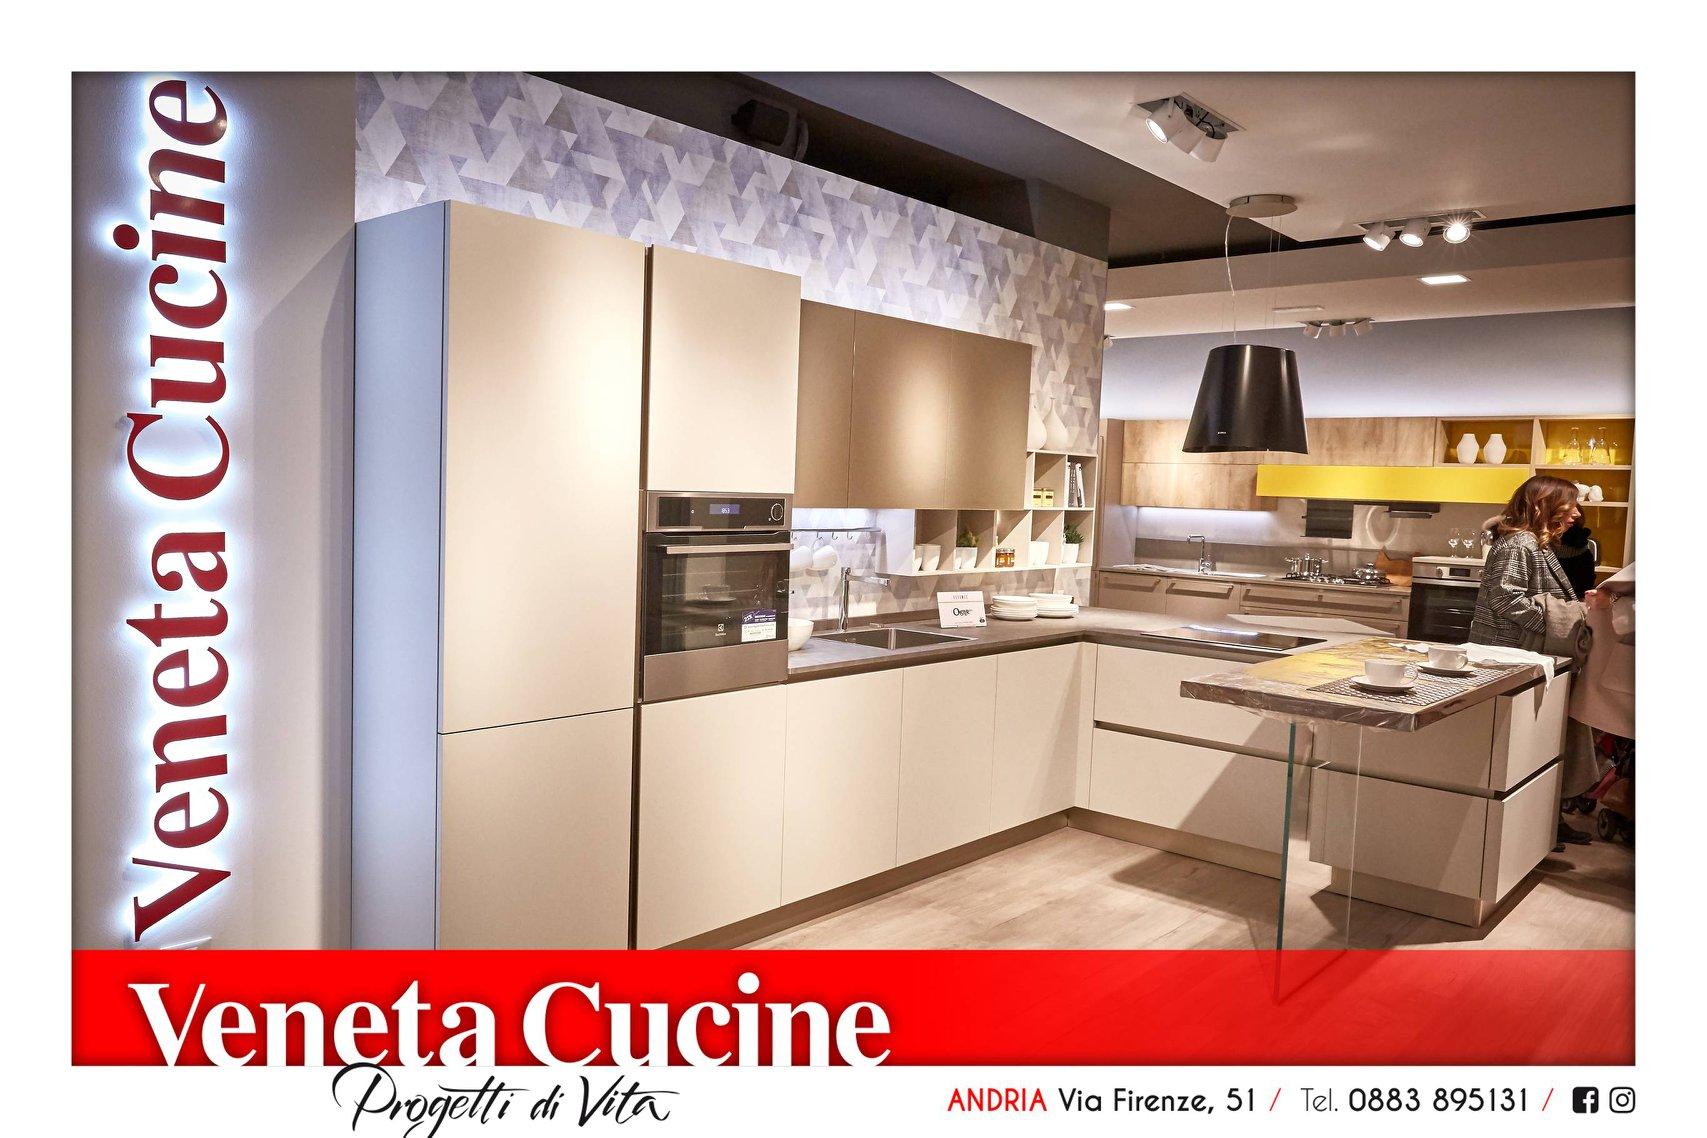 Veneta cucine andria strippoli mobili corato home design kitchen and kids cucine - Cucine meravigliose ...